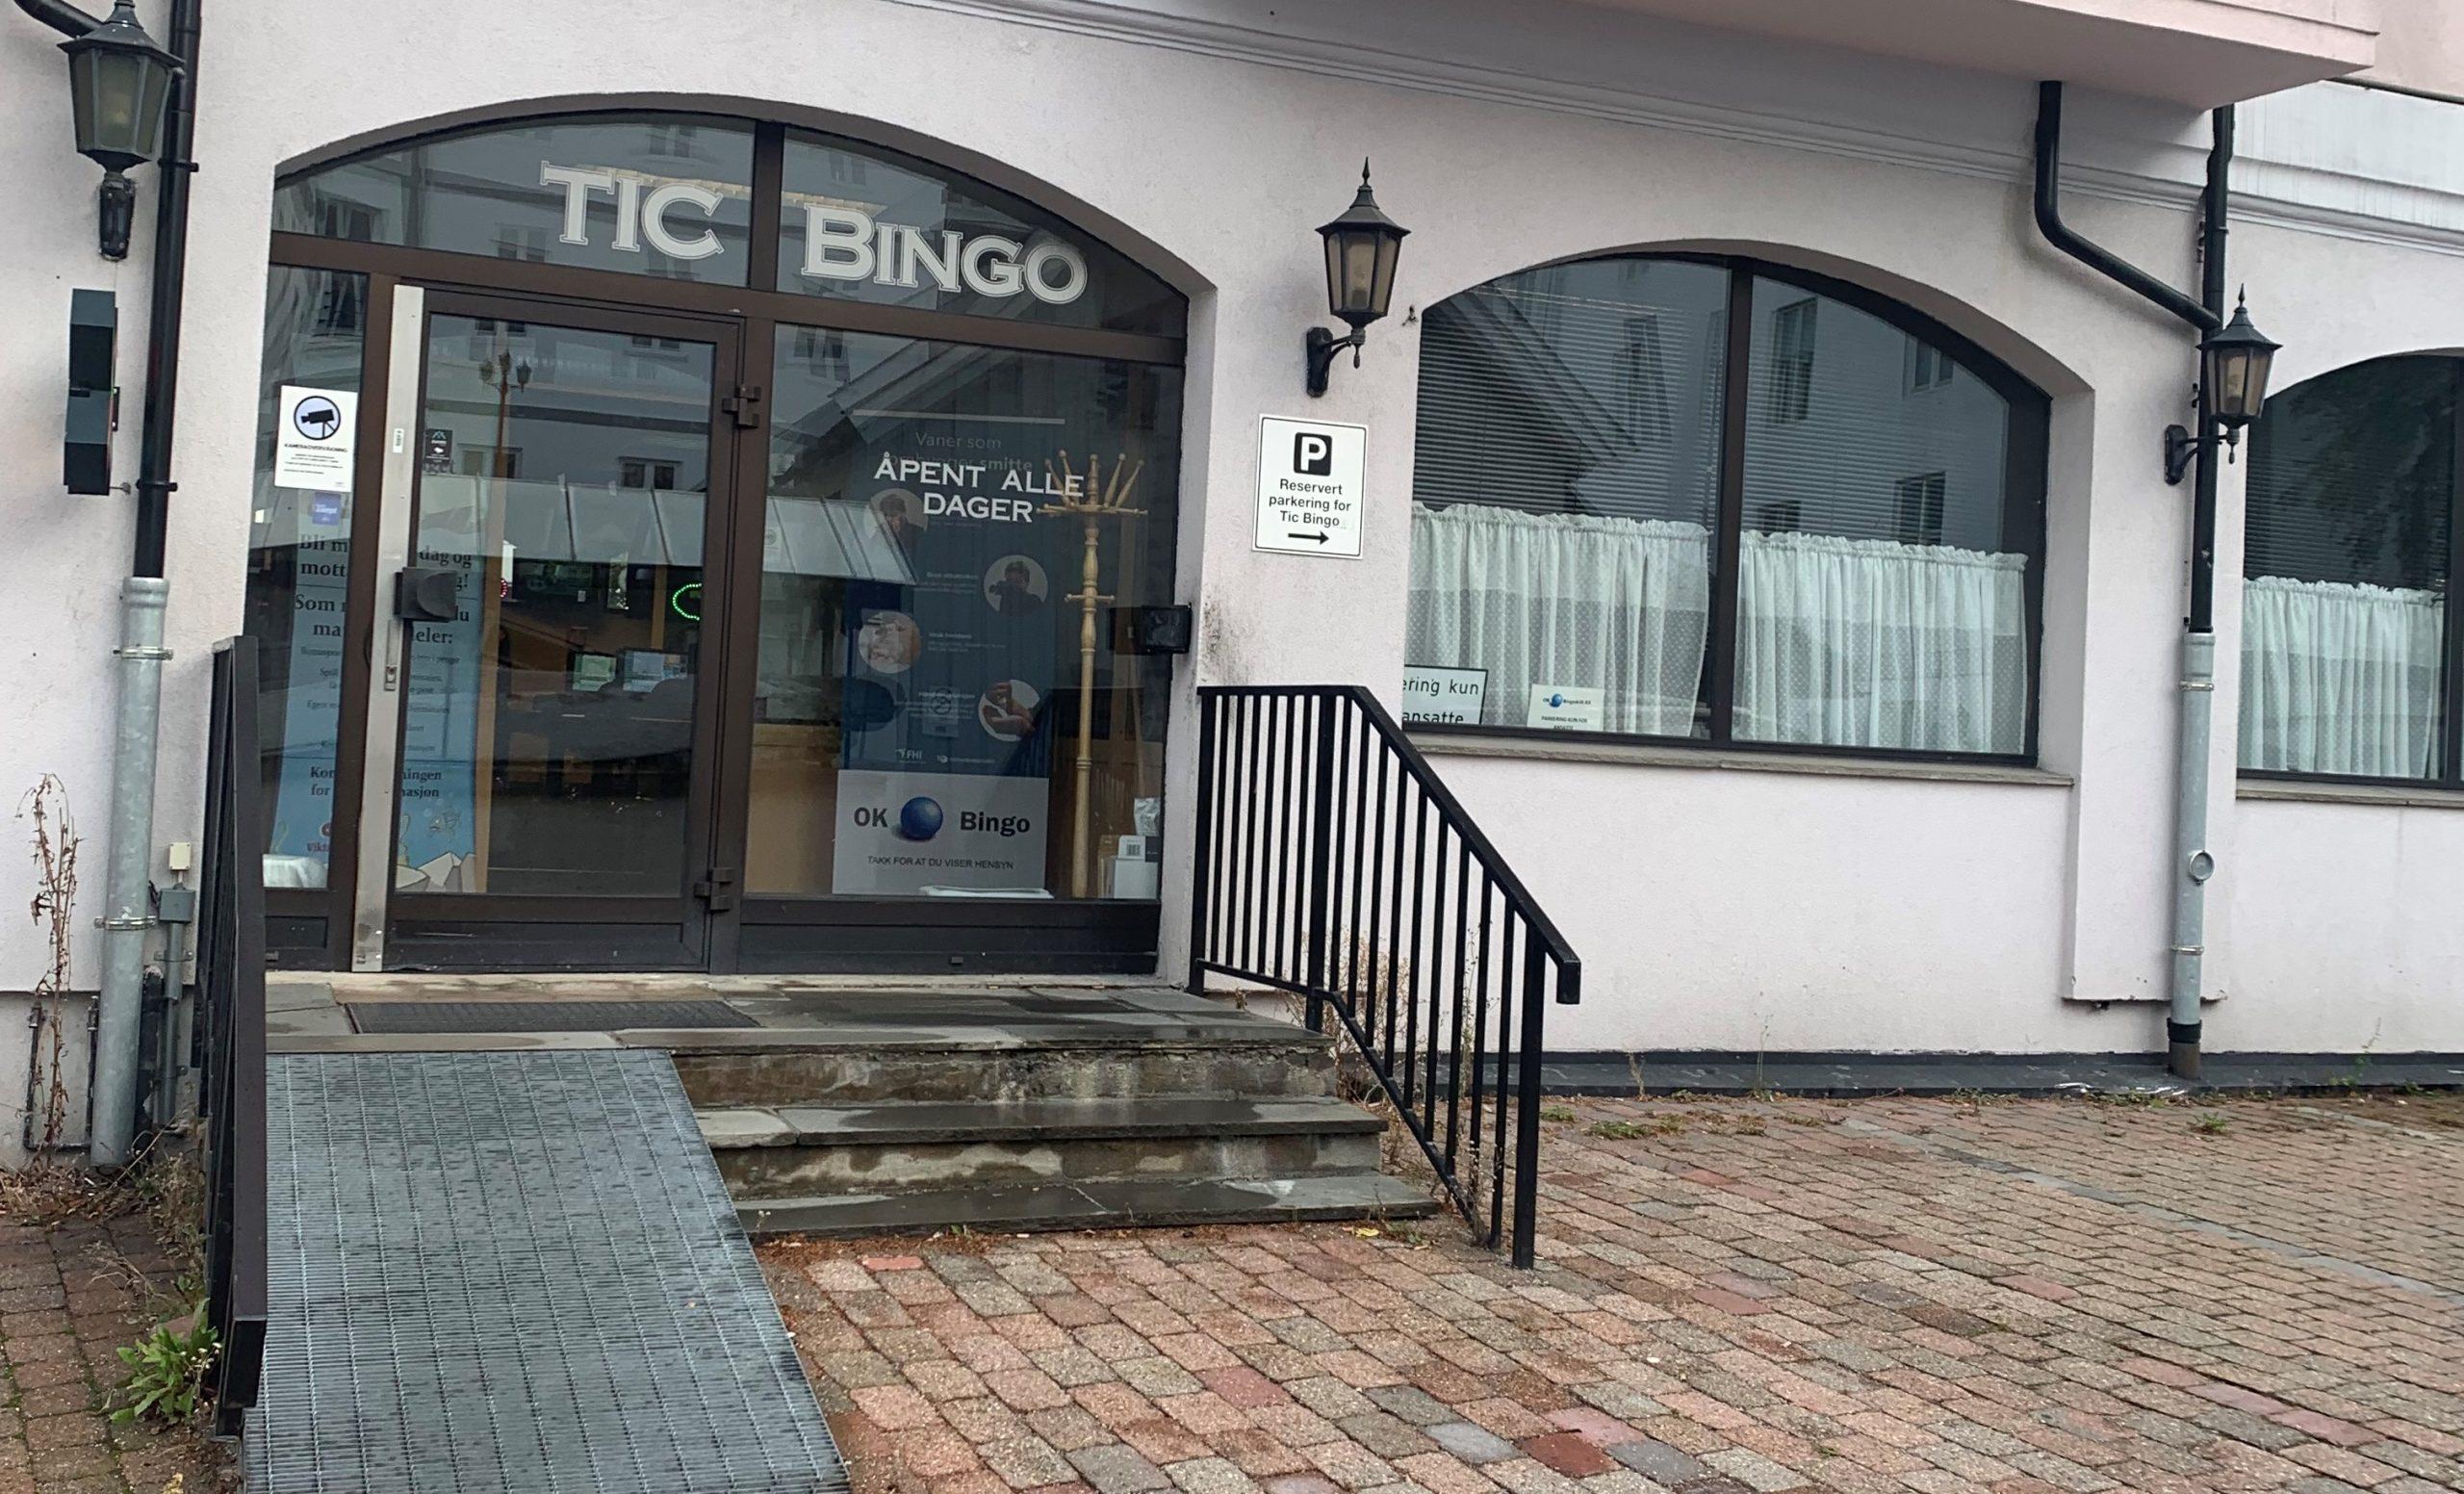 Tic Bingo